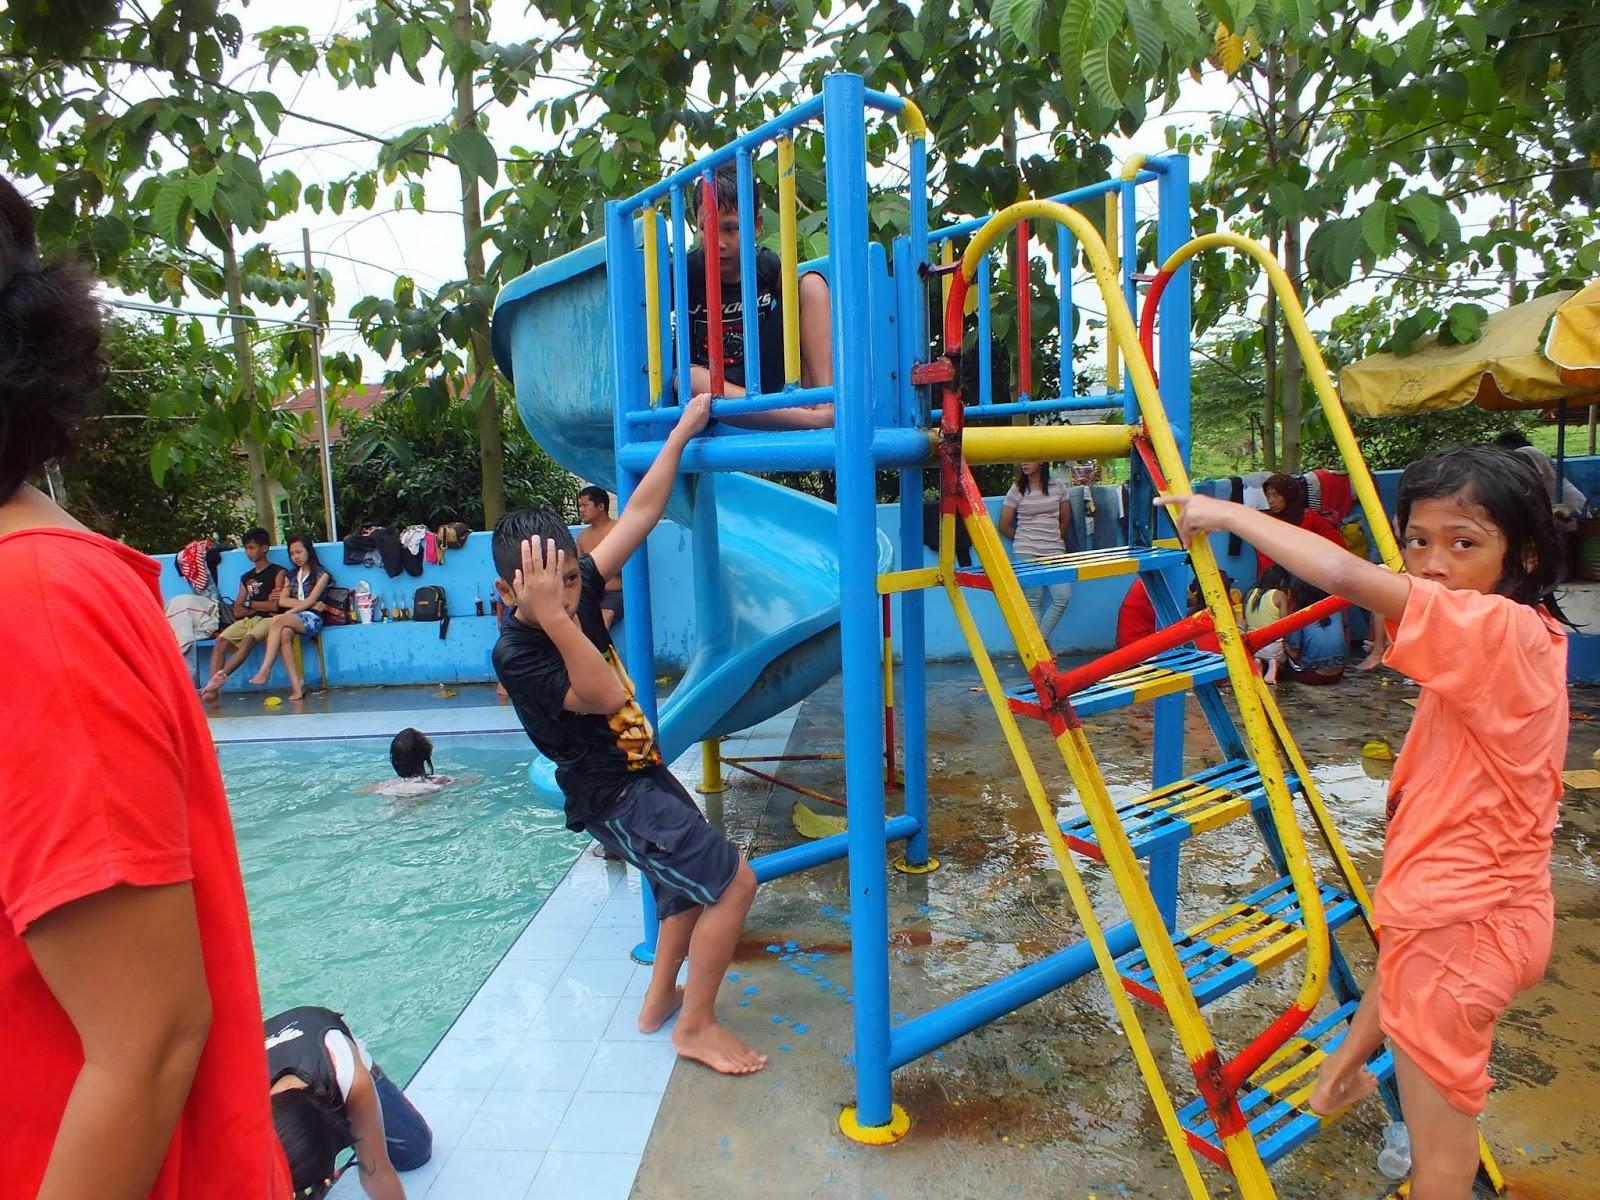 Wahana Waterpark Medan Patut Kamu Kunjungi Share Berikan Pendapatmu Taman